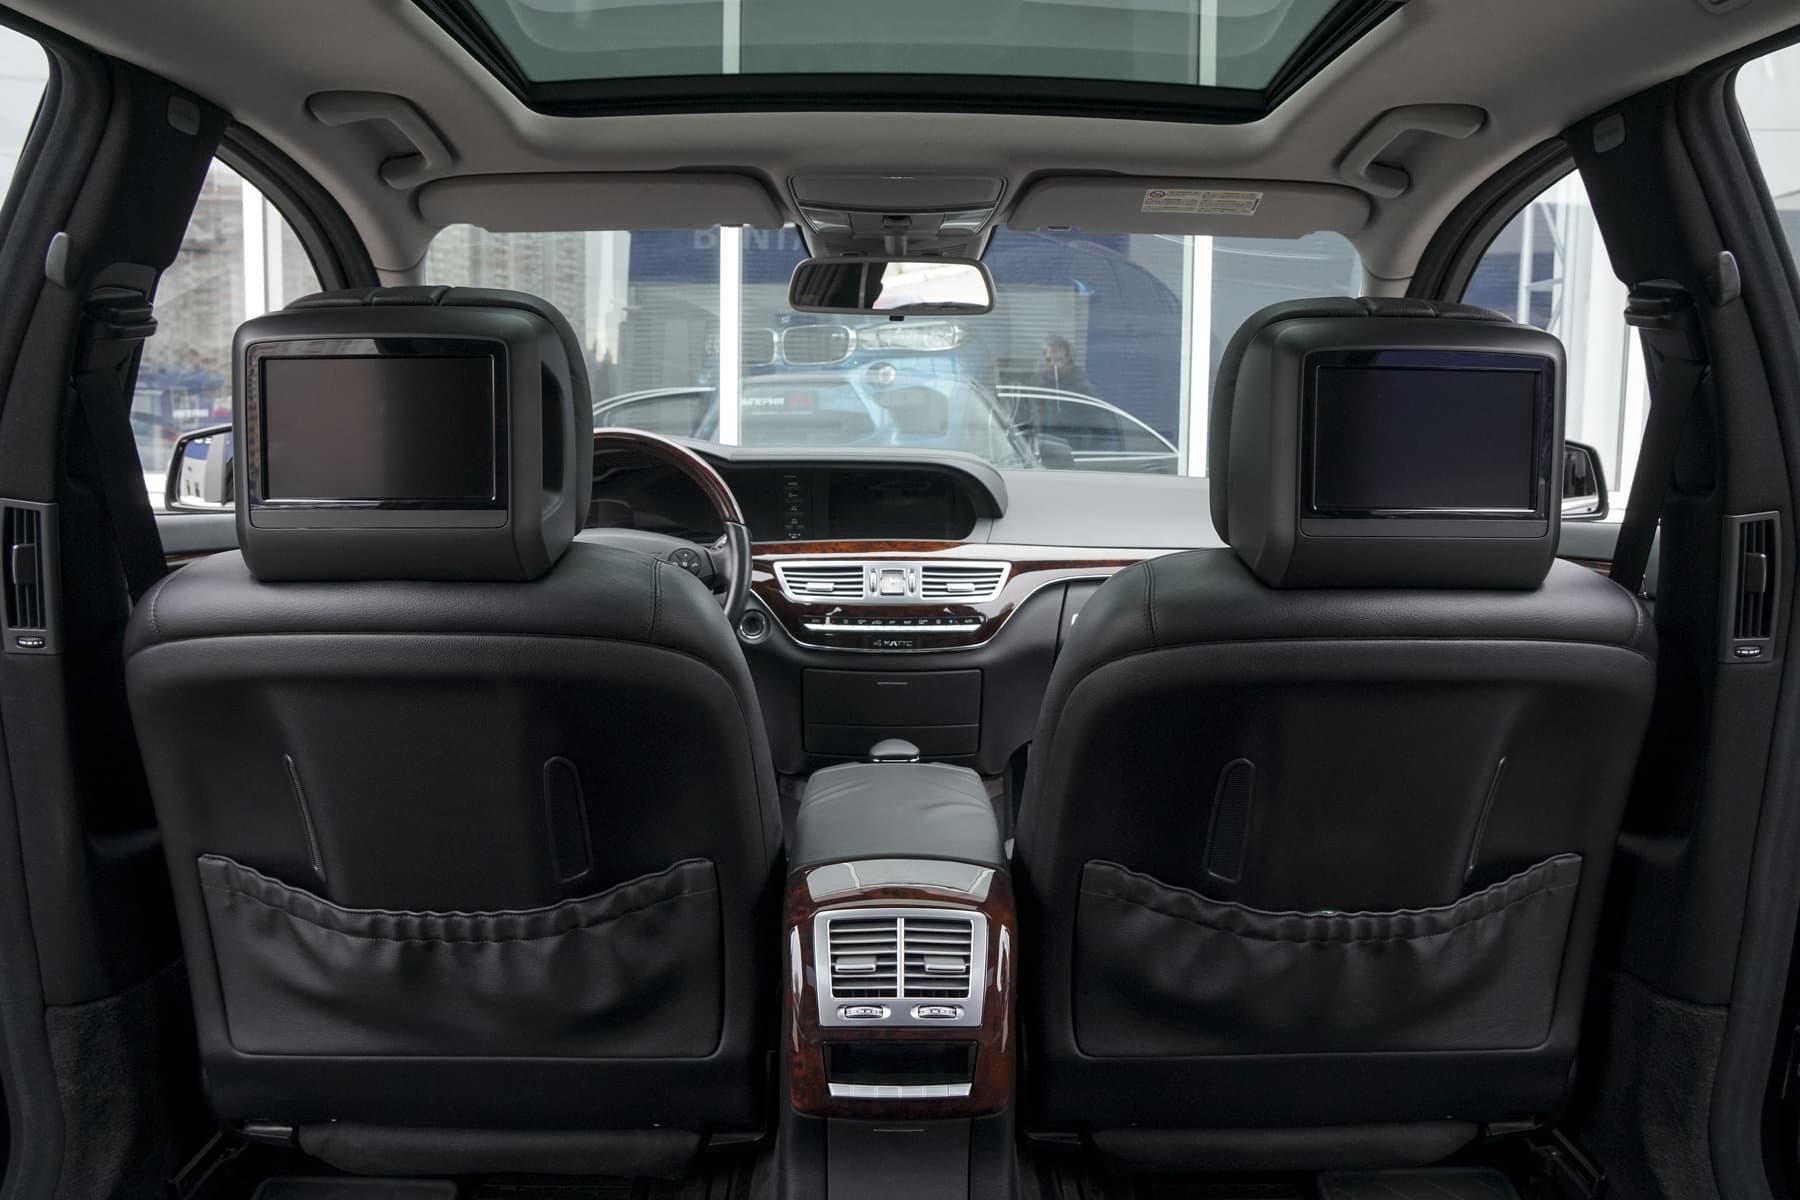 Mercedes-Benz S550 W221 4-matic - фото 9